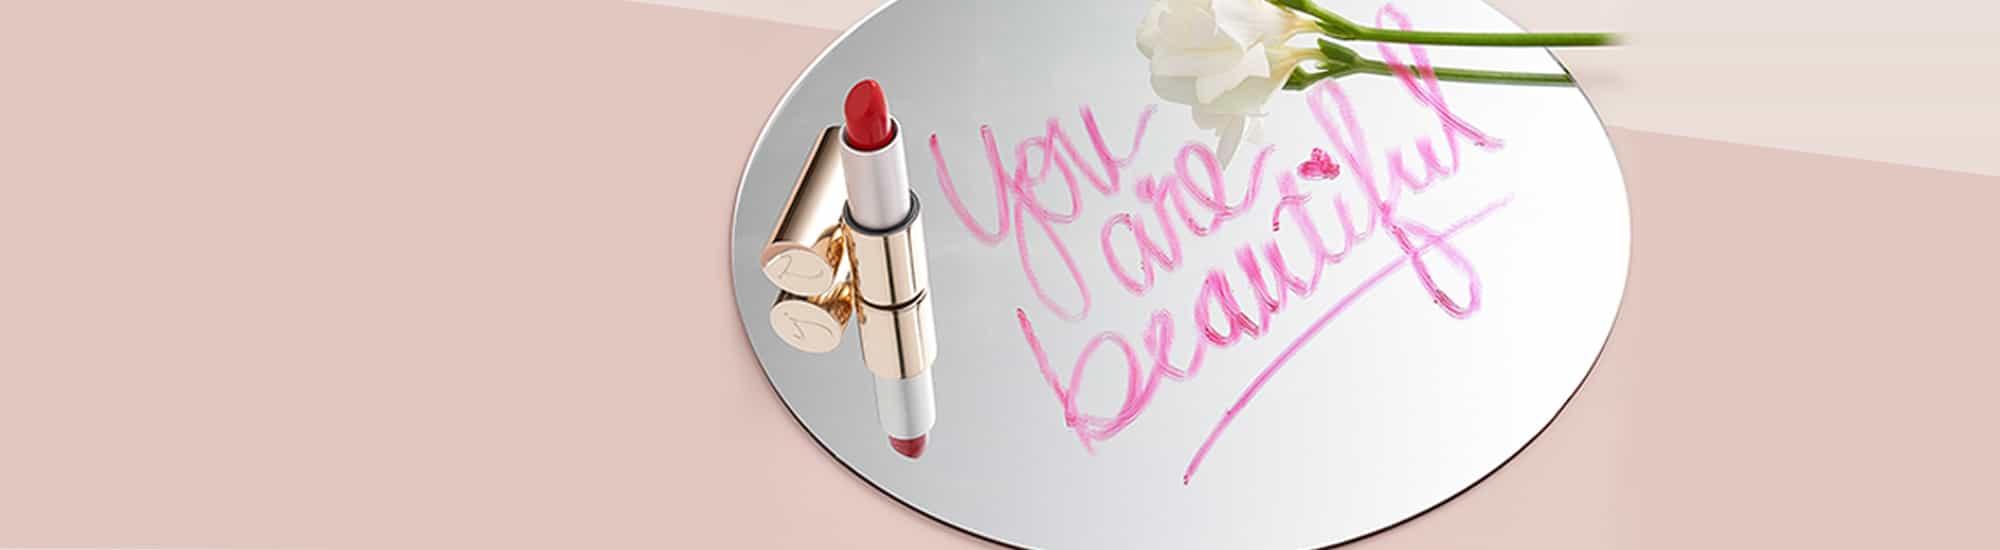 Alles rund um eine gesunde Schönheit - bei Claresco Cosmetic Reichenbach